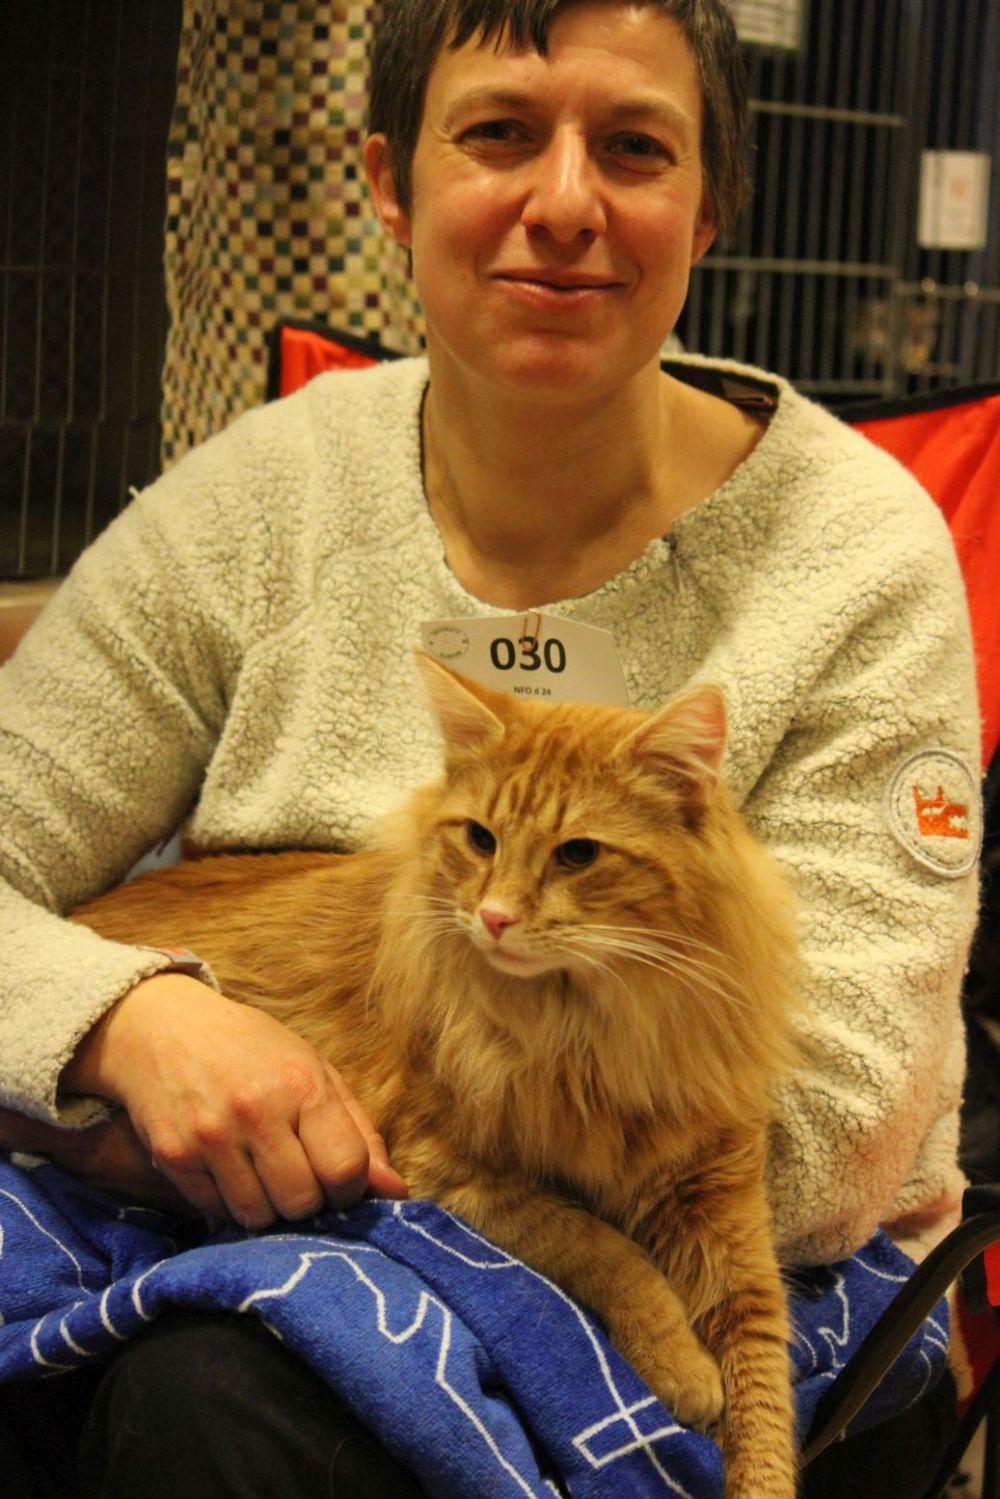 rydy kot z właścicielką na kolanach